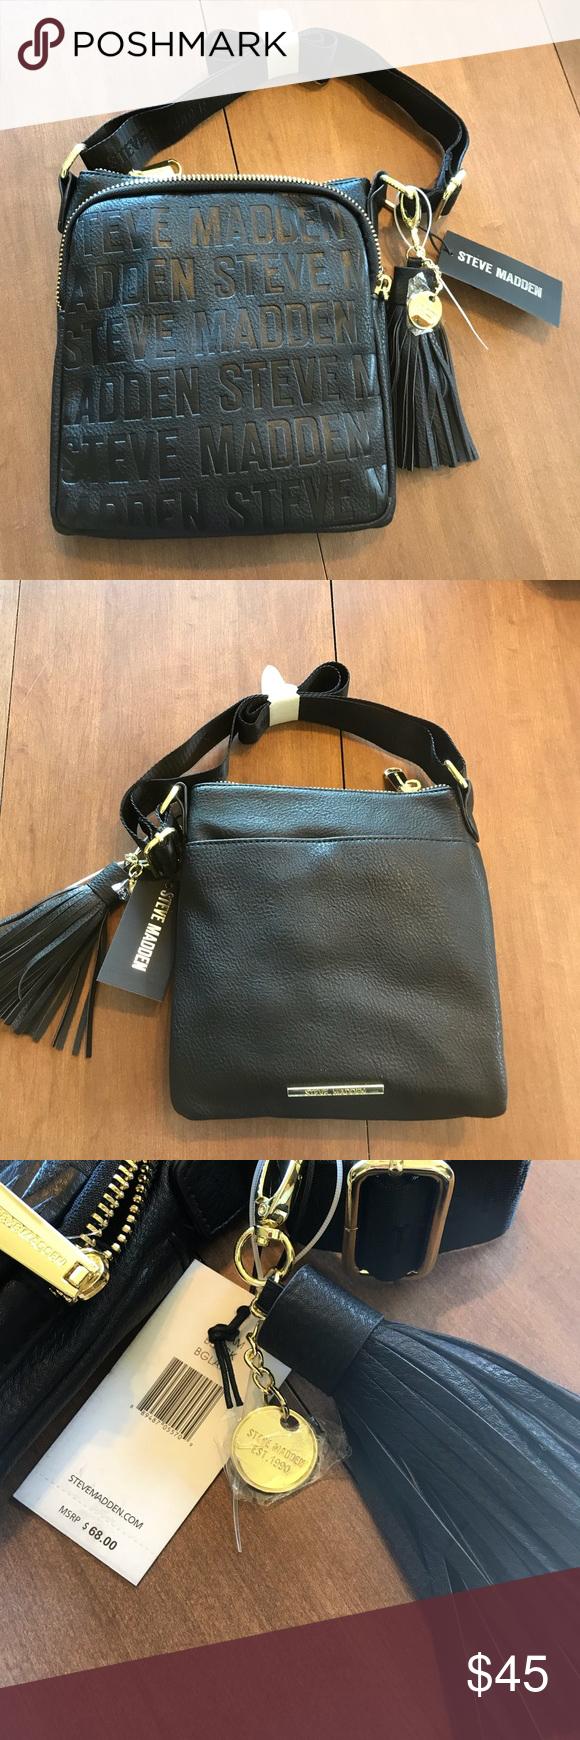 2e51e6939b5 Steve Madden Black BGLAM Handbag! 🖤 Black Steve Madden Handbag, with  Tassel! New with Tags. Love love love! 🖤 Steve Madden Bags Crossbody Bags